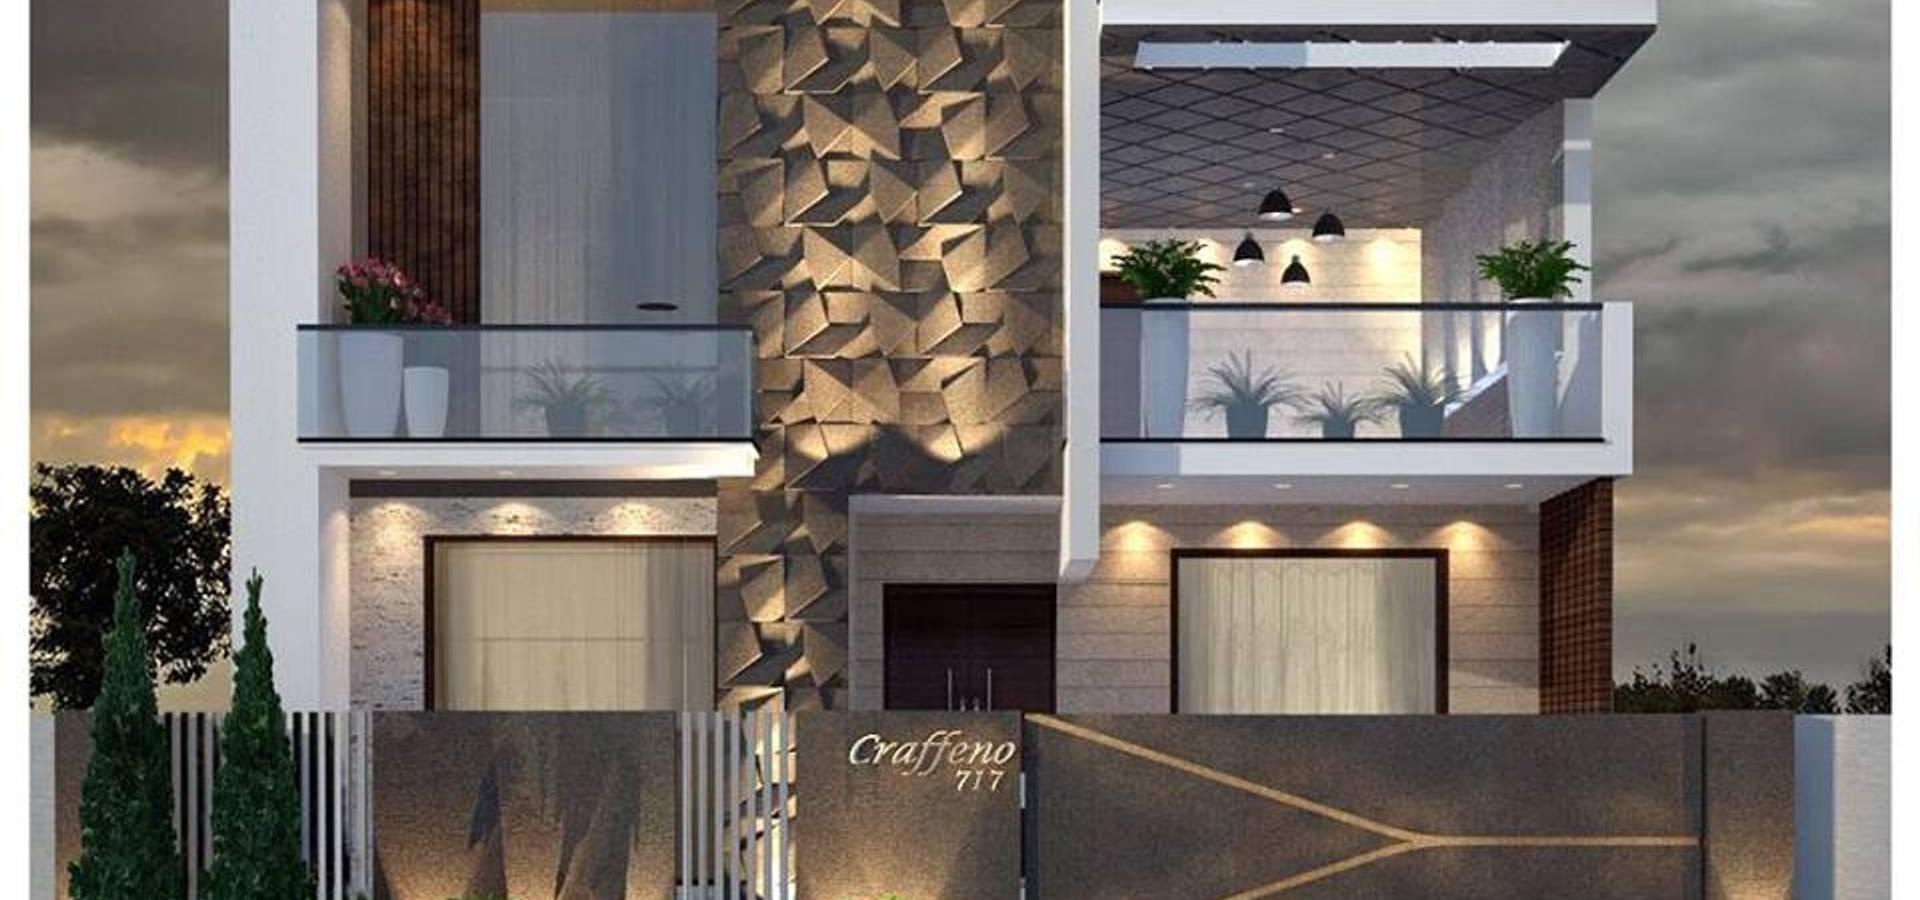 Craffeno Architecture Studio